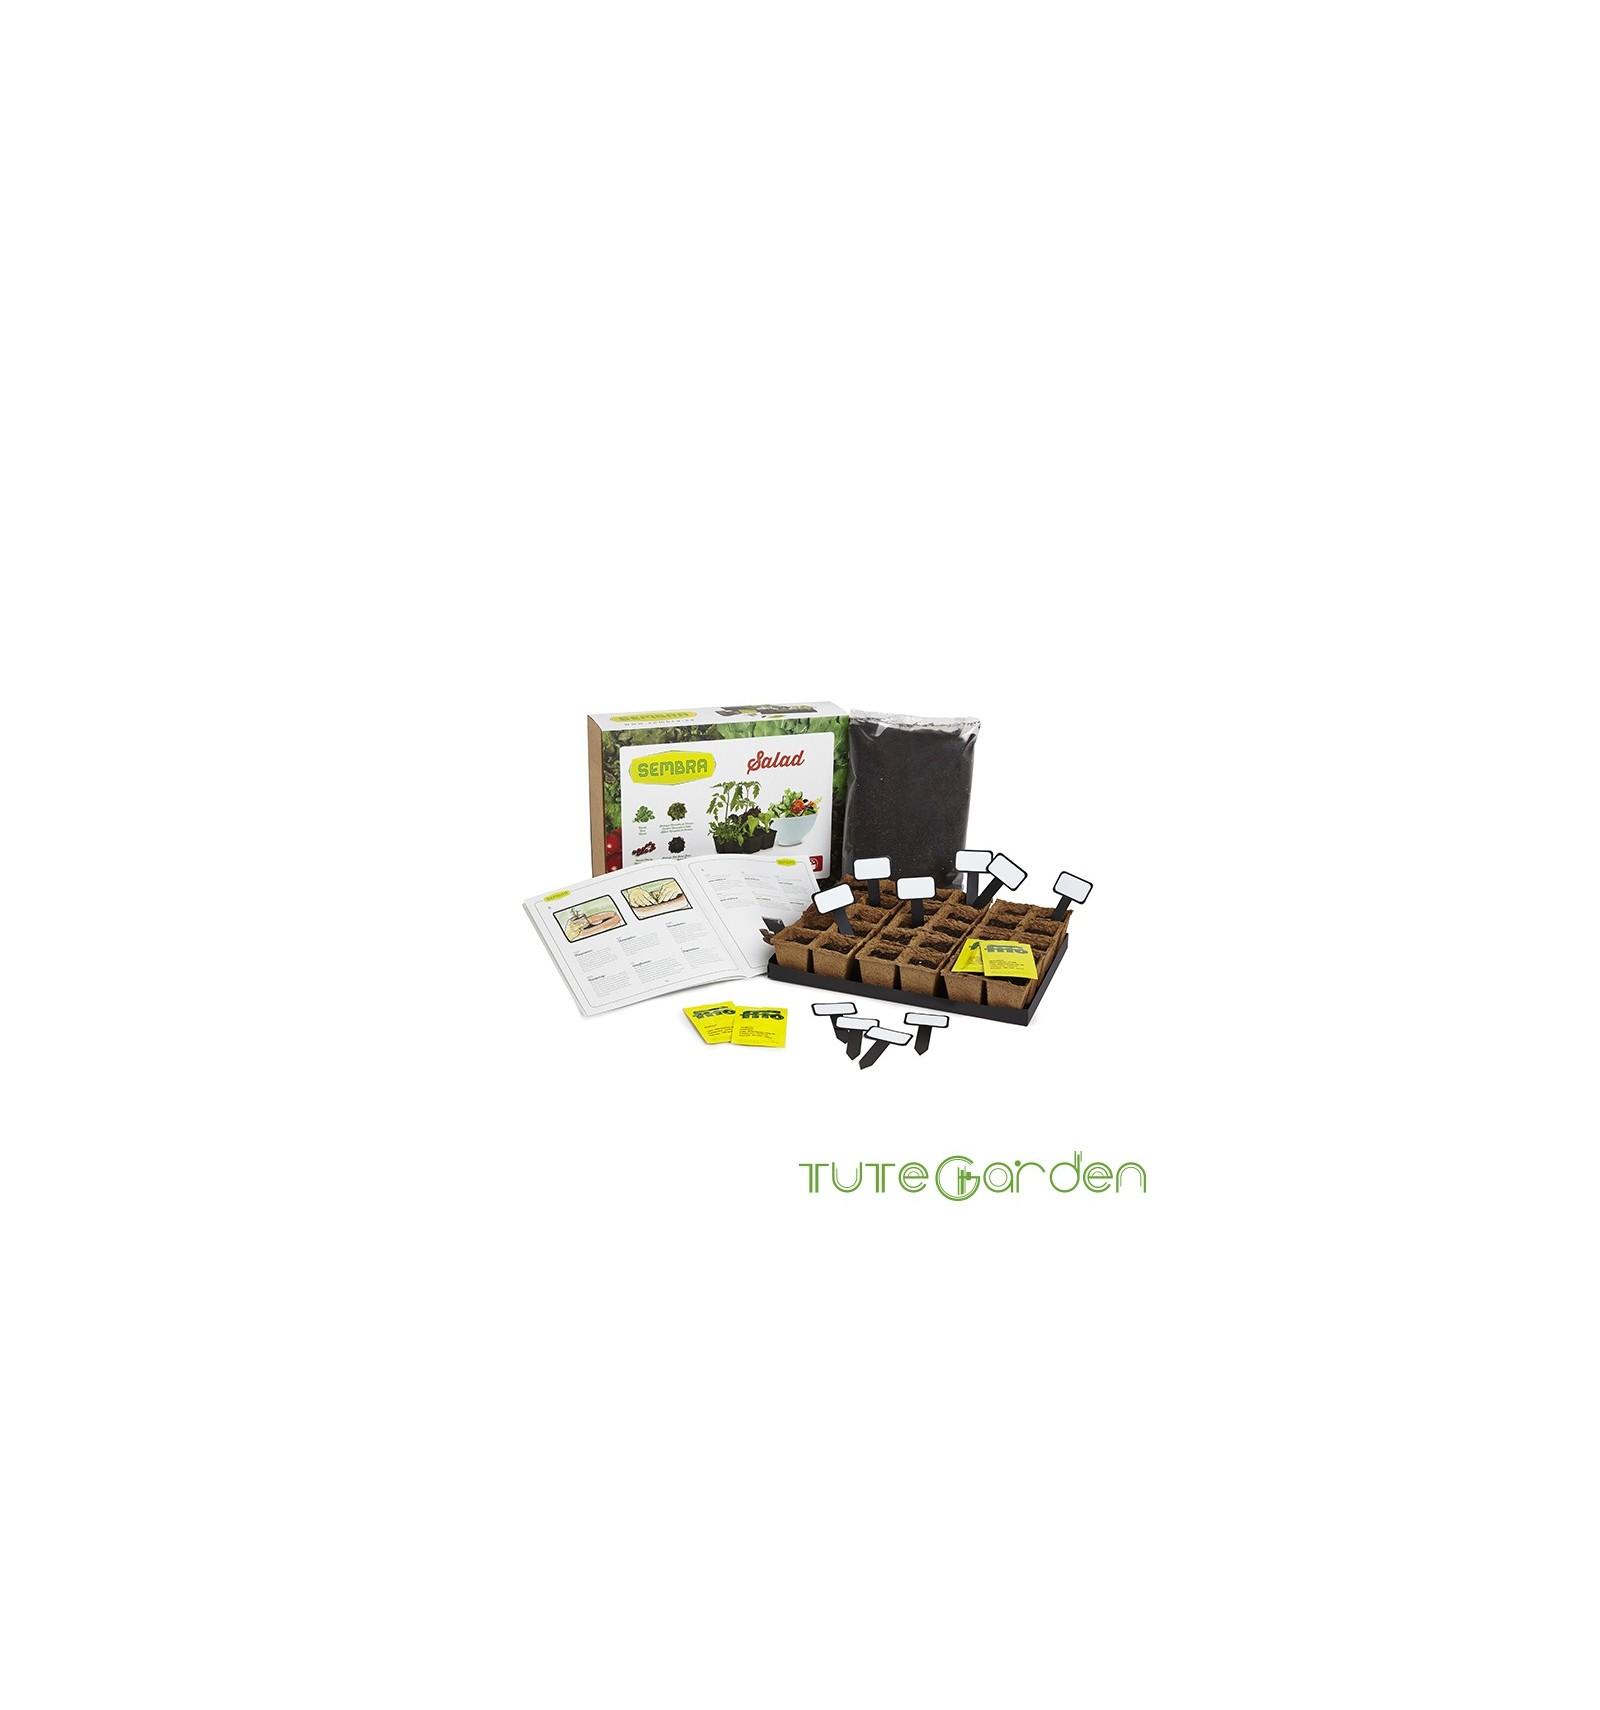 Mi huerto urbano kit salad - Mi huerto urbano ...